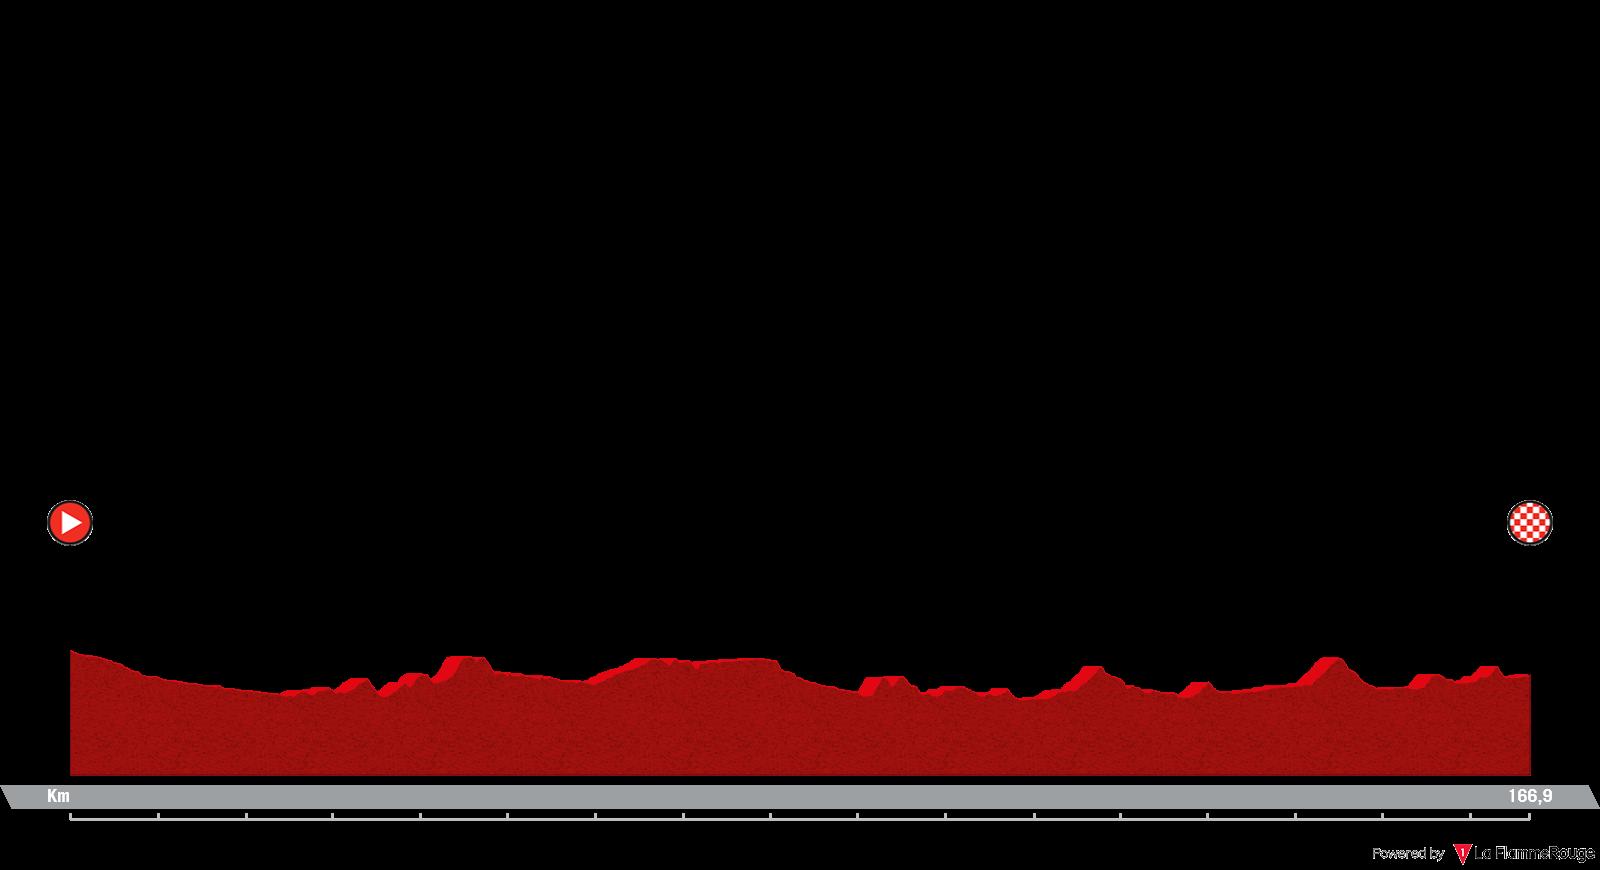 Etapa 2 - Vuelta España 2021 - Caleruega. VIII Centenario de Santo Domingo de Guzmán - Burgos. Gamonal